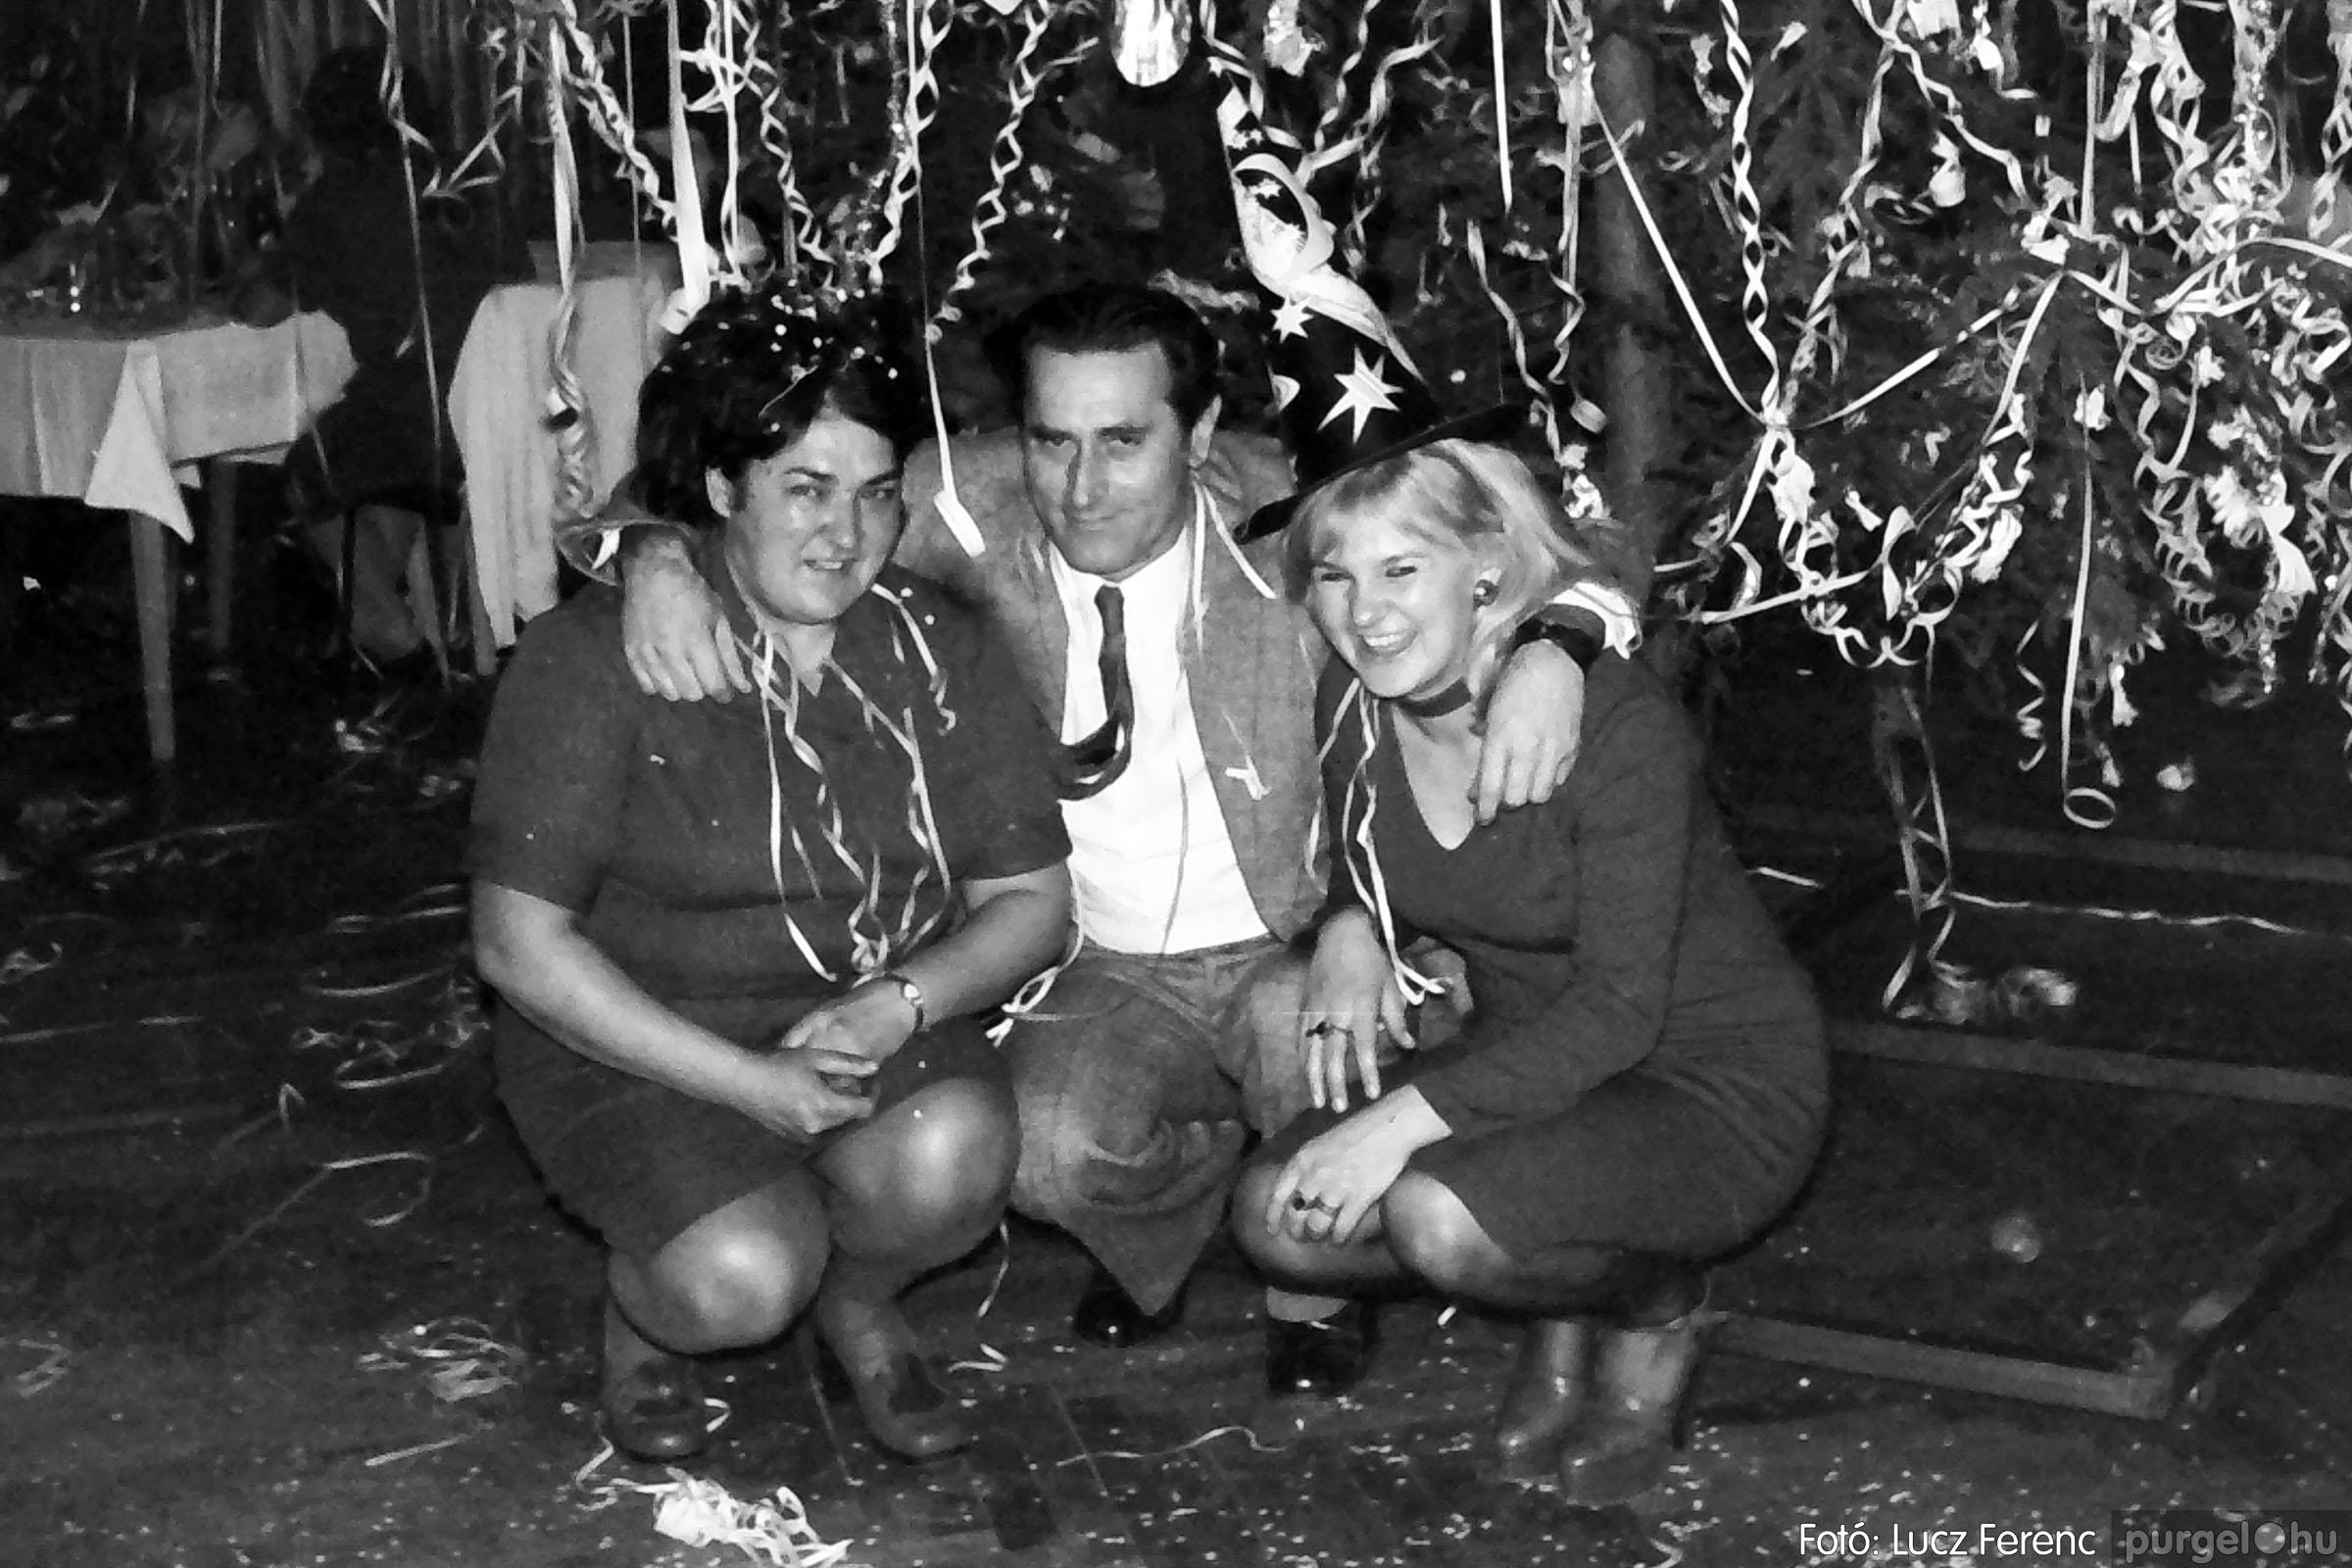 030. 1975.12.31. Szilveszter a kultúrházban 006 - Fotó: Lucz Ferenc.jpg